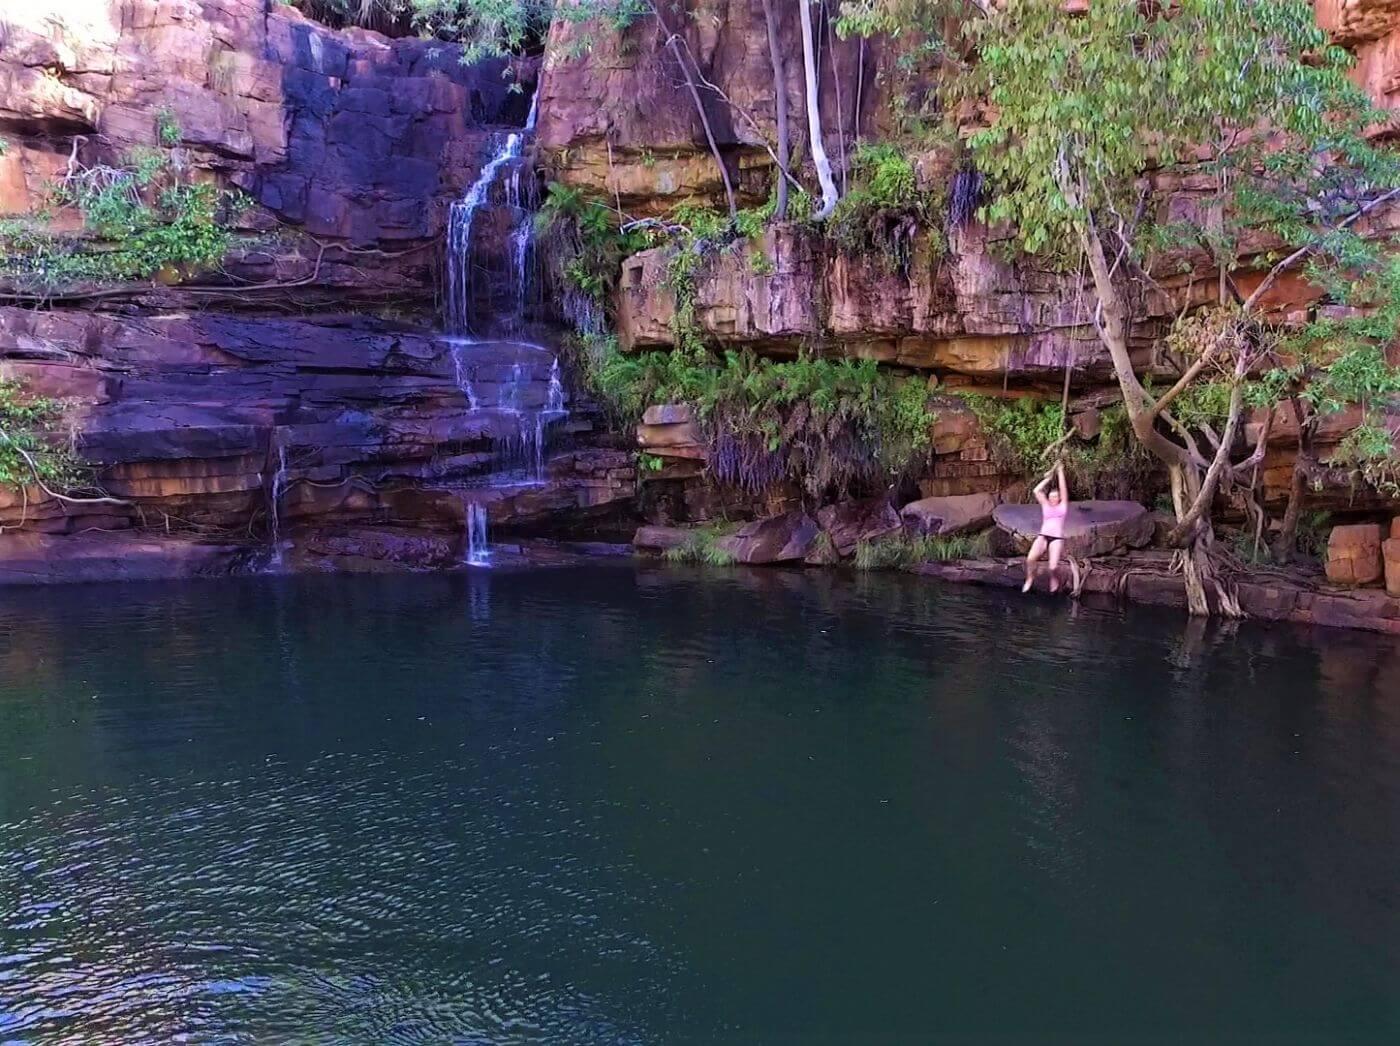 Wasserfall der Galvans Gorge auf der Gibb River Road